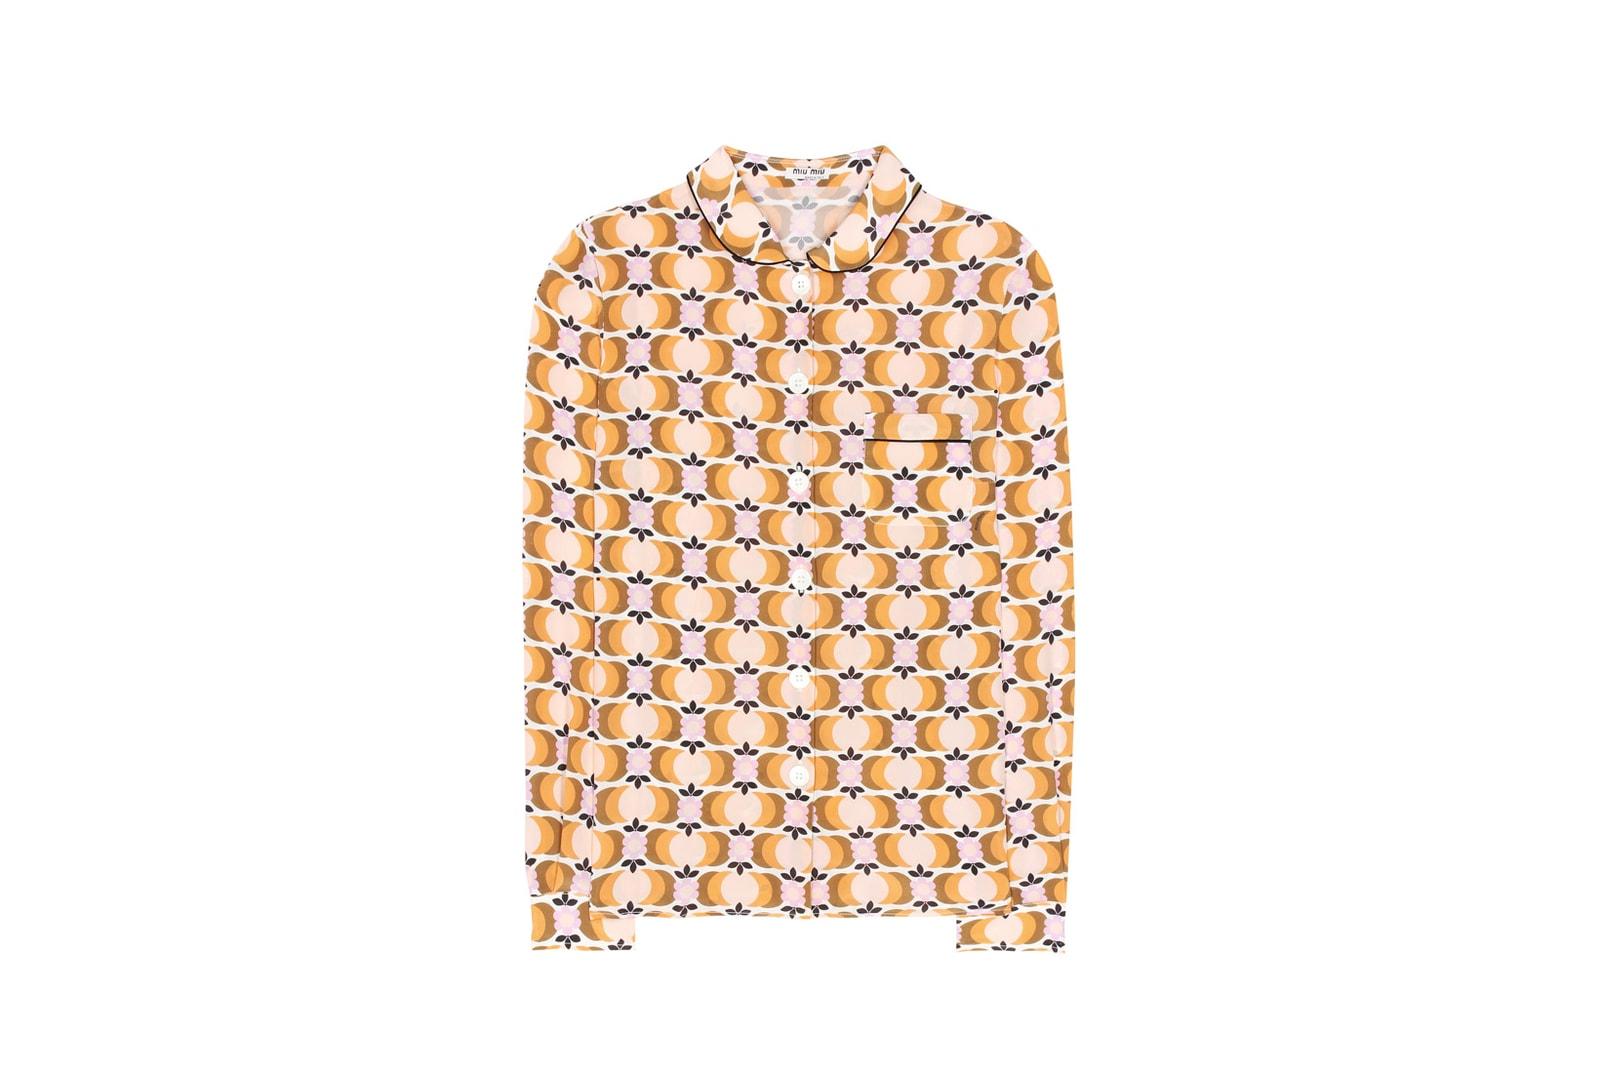 mytheresa.com Miu Miu 2017 Spring Summer Capsule Collection